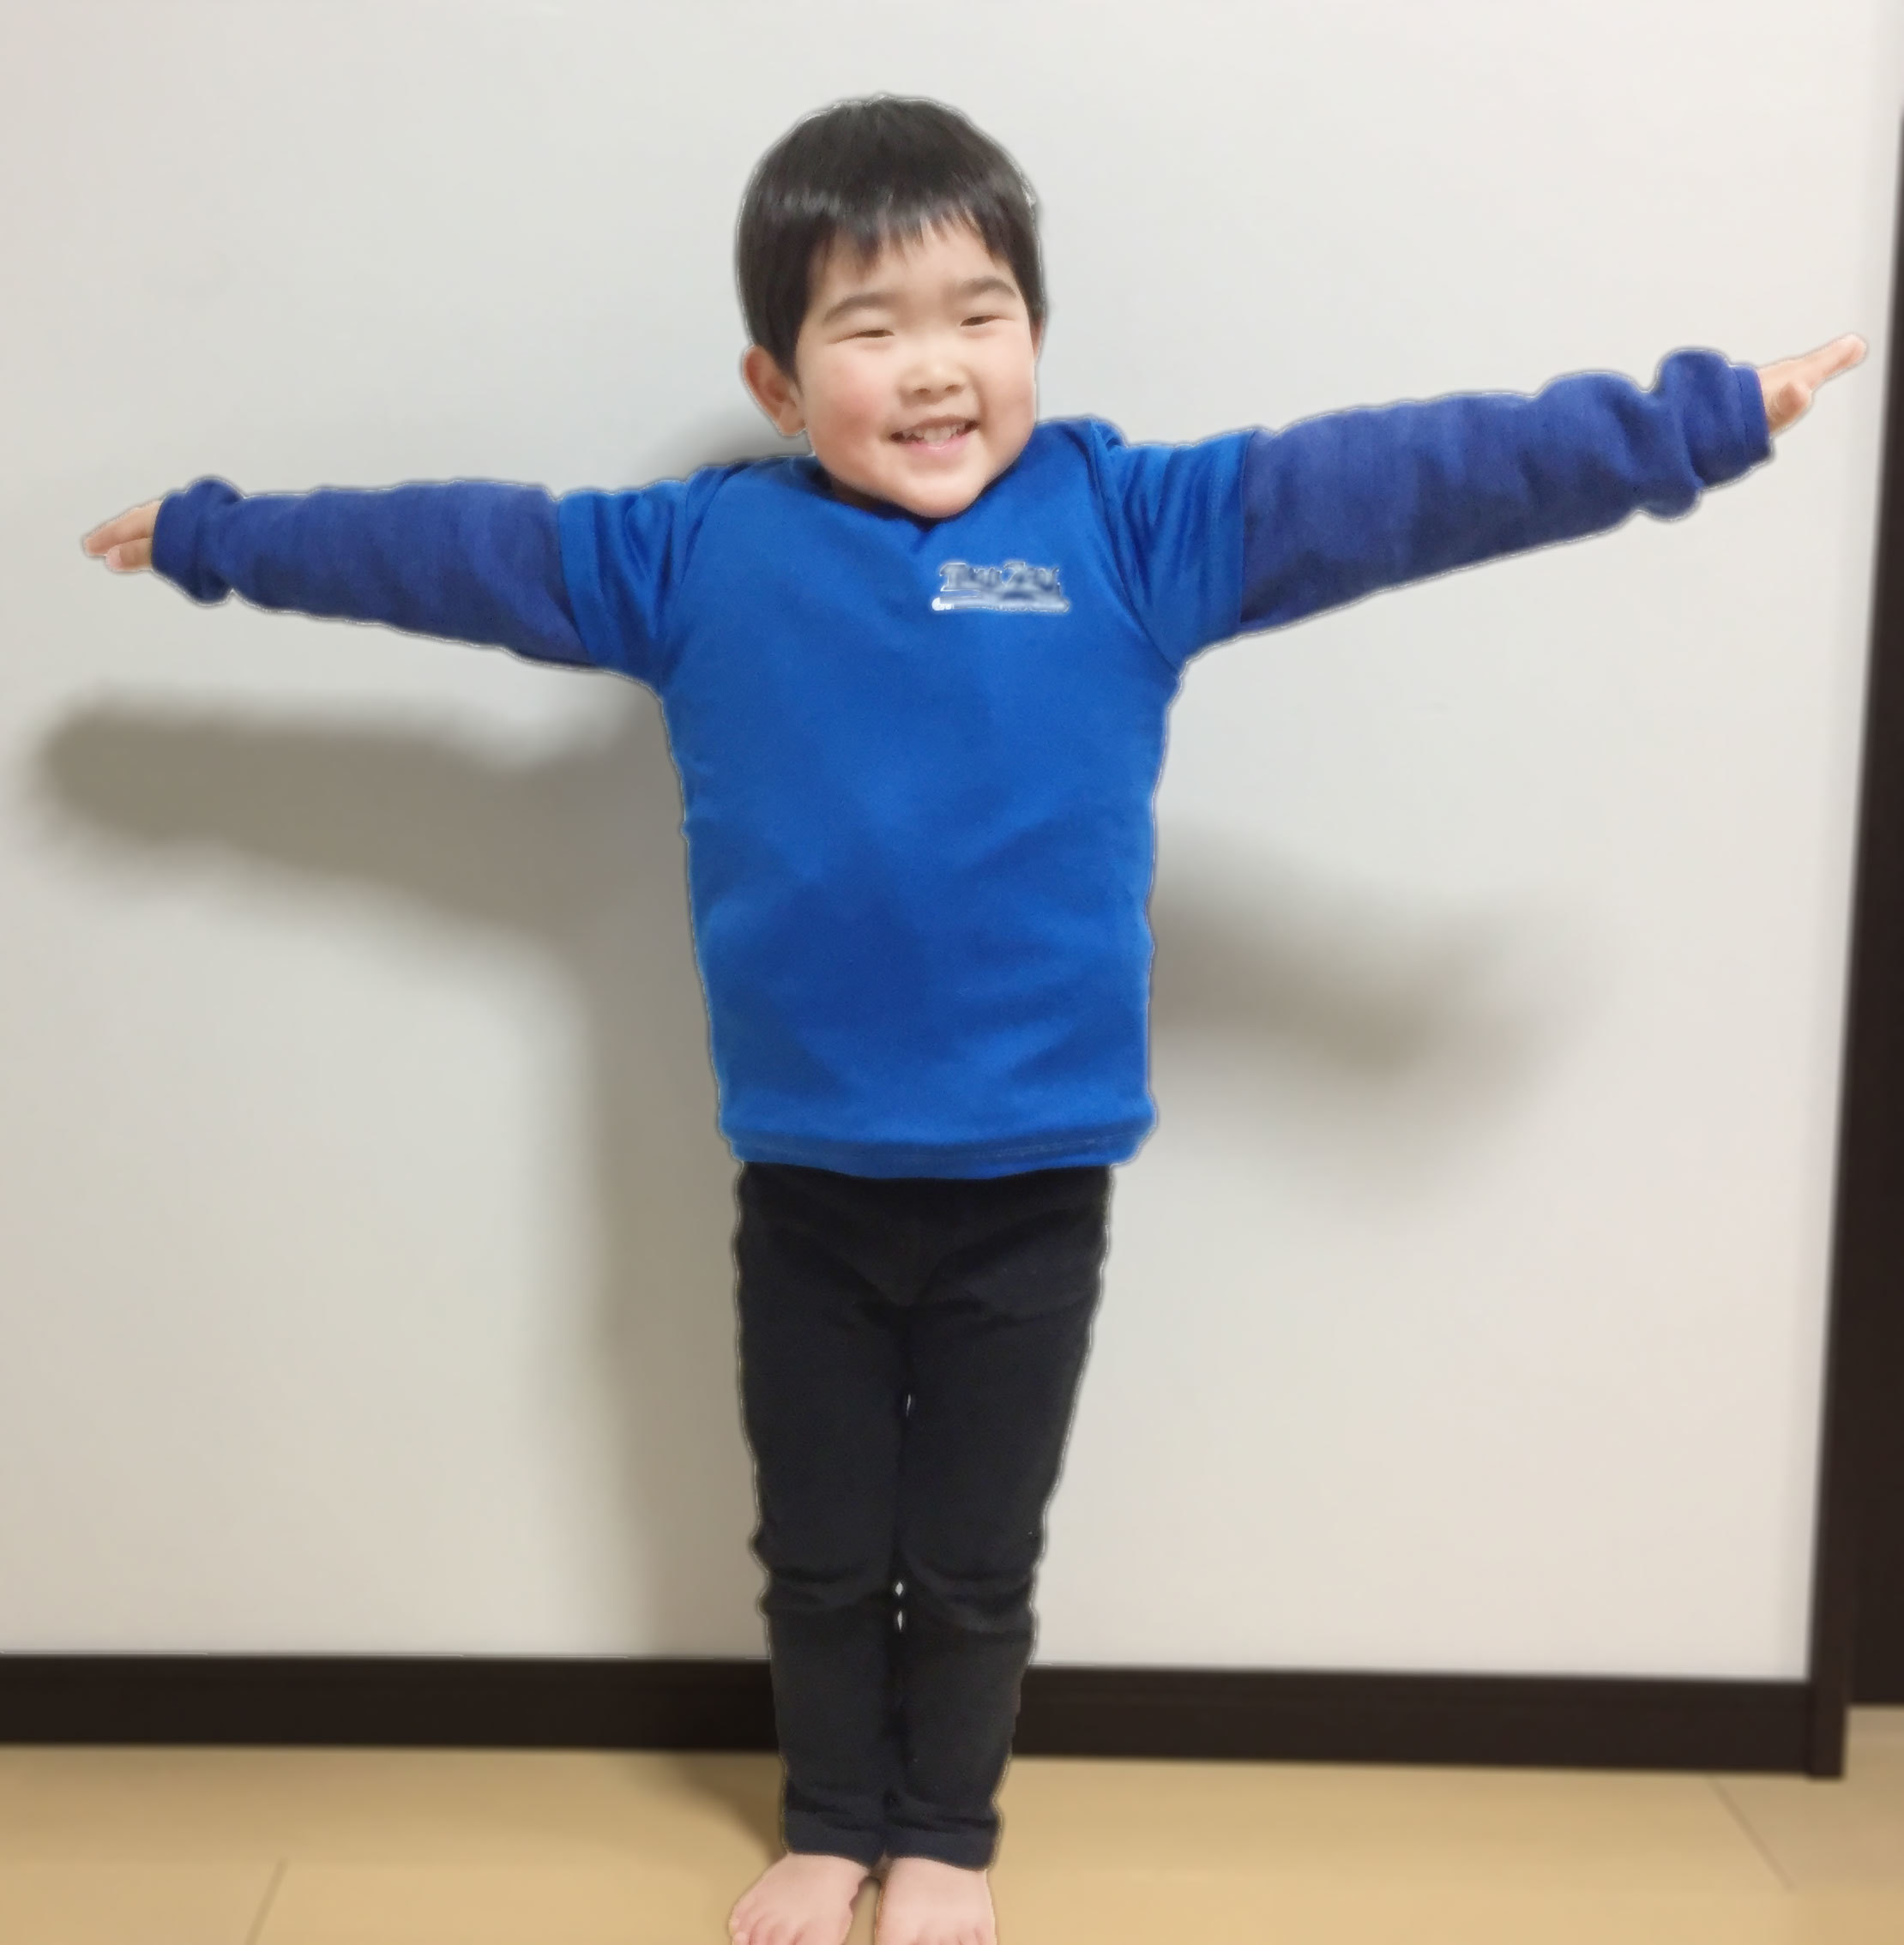 越前体操クラブ施設(旧・武生体操クラブ)幼児(4歳)